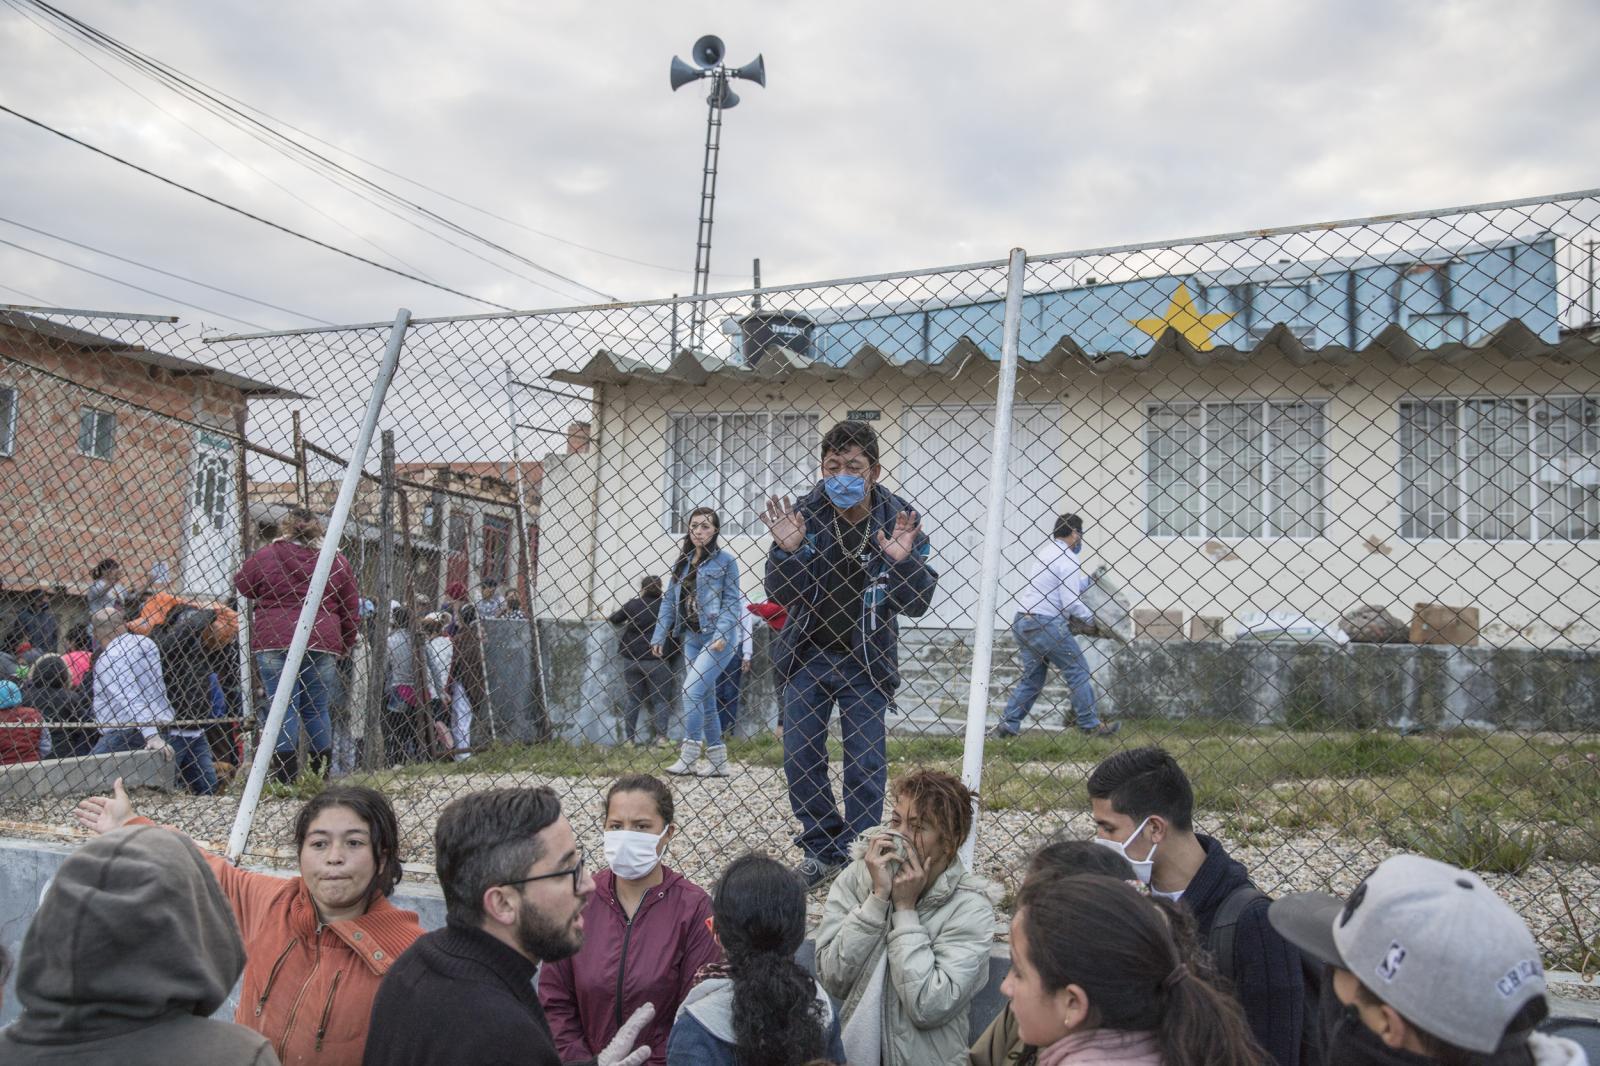 """Fabiola Ferrero /Según la ONU, uno de cada tres venezolanos no tiene suficiente para comer. Y para más de un millón de personas, Colombia fue la mejor opción para escapar de esa realidad. Ahora, la cuarentena los obliga a dejar de trabajar. ¿Cómo es vivir con la incertidumbre de no tener comida para sus hijos ... otra vez?  La gran mayoría de los venezolanos en Colombia trabaja en actividades informales y depende del ingreso diario, lo que los hace altamente vulnerables en este momento de crisis global. La mayoría de ellos llegaron los últimos años escapando de la inflación, el hambre y la delincuencia. Esos recuerdos aún están frescos dentro de ellos.  Carlos Monasterio, por ejemplo, llegó a Bogotá hace un año con su esposa, que ahora tiene 5 meses de embarazo. """"Recuerdo que un día en Venezuela volví a casa y ella se desmayó en el piso porque no había comido en días. Me aterra volver a esa imagen nuevamente """", dice. Salen a tocar puertas y ver si alguien tiene comida para darles.  Para documentar la falta de acceso a los alimentos, he dado cuadernos a un grupo de migrantes donde pueden realizar un seguimiento voluntario de sus comidas diarias. Después de unos días, regreso y los fotografío. Alejandro Carrero, un joven venezolano, escribió que no tenía nada para el desayuno y el almuerzo durante 3 días, y para la cena tenía arroz y papas.  A través de una serie de retratos, imágenes de su comida y espacios y notas del diario que escriben los migrantes, este proyecto de colaboración tiene como objetivo mostrar cómo el hambre afecta a quienes huyeron de la mayor crisis económica en América Latina que desean una segunda oportunidad, solo para enfrentar una situación similar nuevamente .  Con la subvención, me gustaría continuar con la serie en curso, pero también documentar cómo evoluciona la situación en los próximos meses, así como incluir más momentos de cómo encuentran su comida y aquellos que están tratando de regresar a Venezuela. Mi objetivo es hacer un ensayo d"""